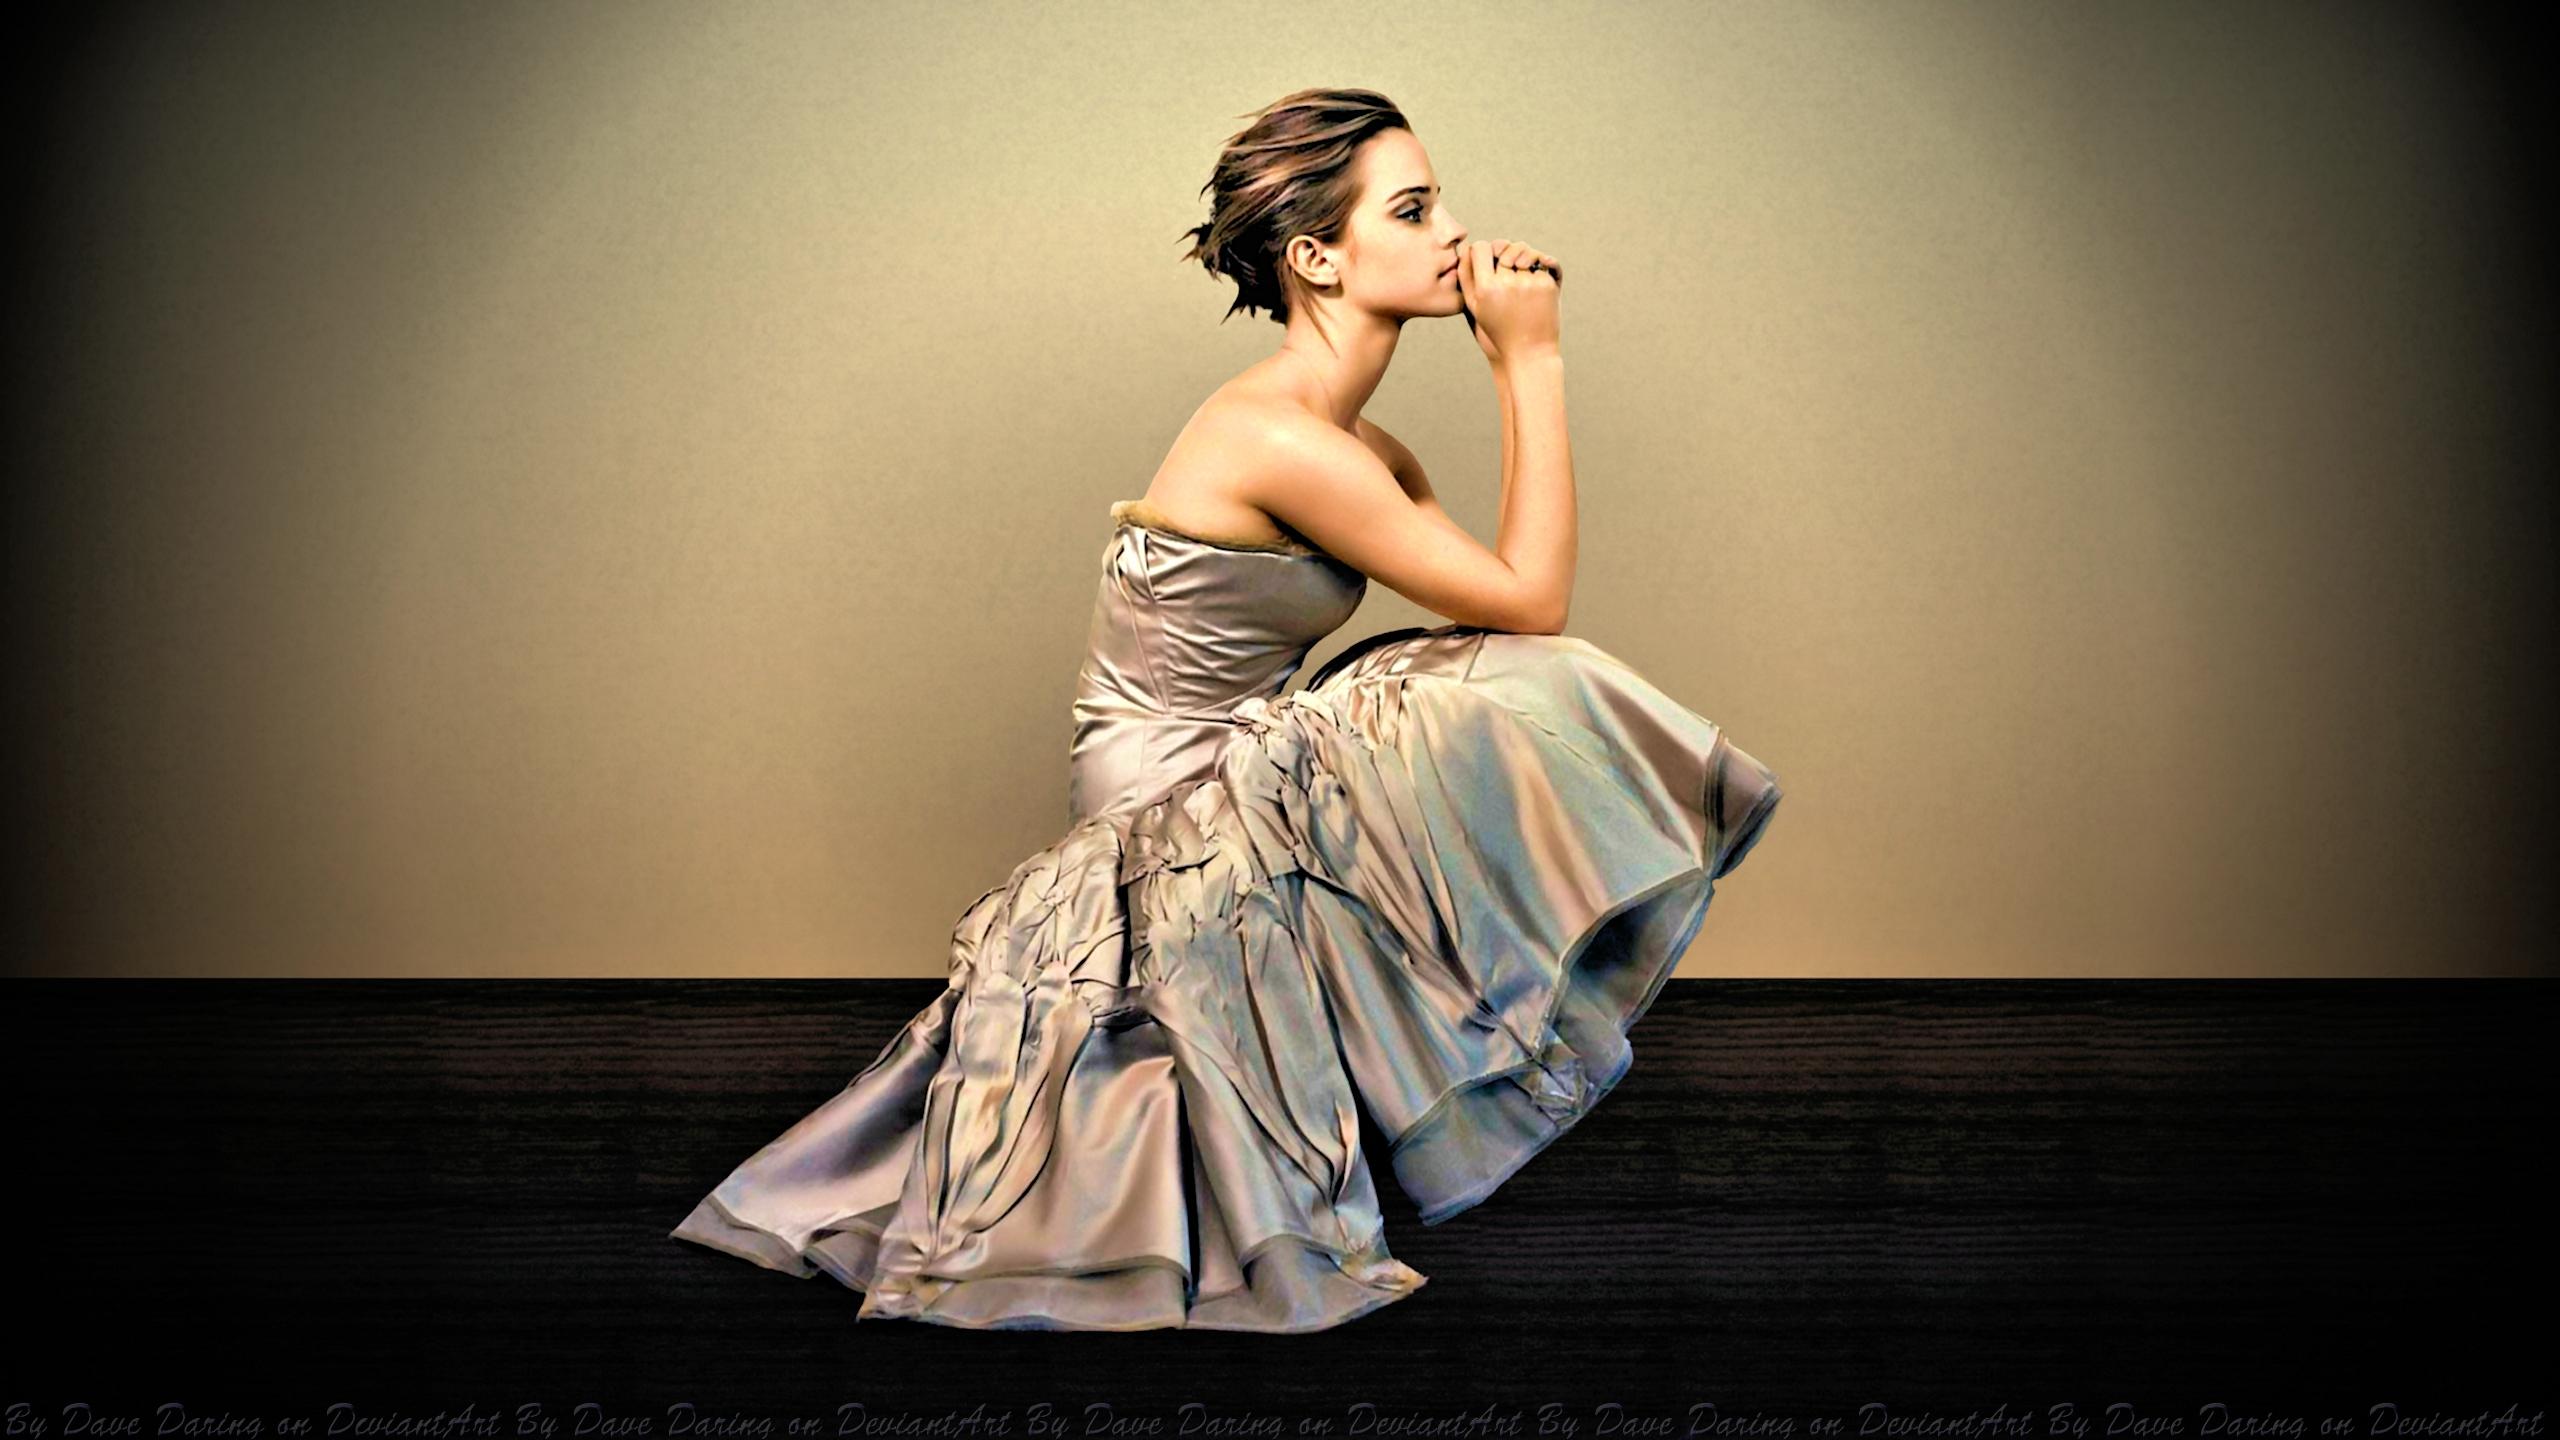 Emma Watson Cameo by Dave-Daring